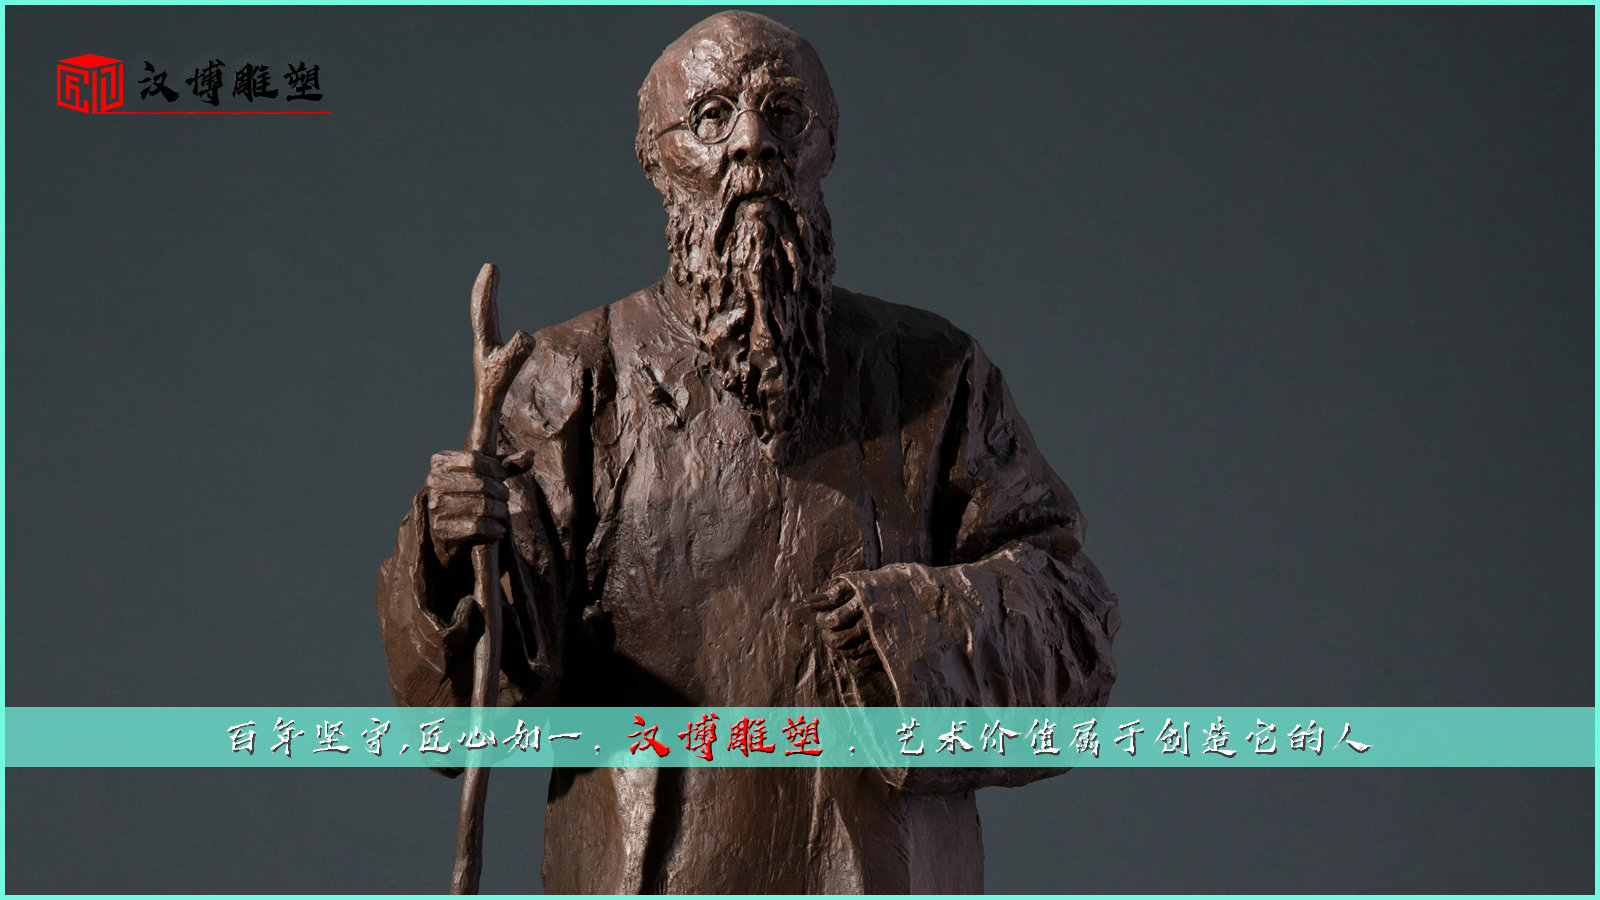 """""""绘画大师""""齐白石画风流传至今展现人物雕塑艺术"""